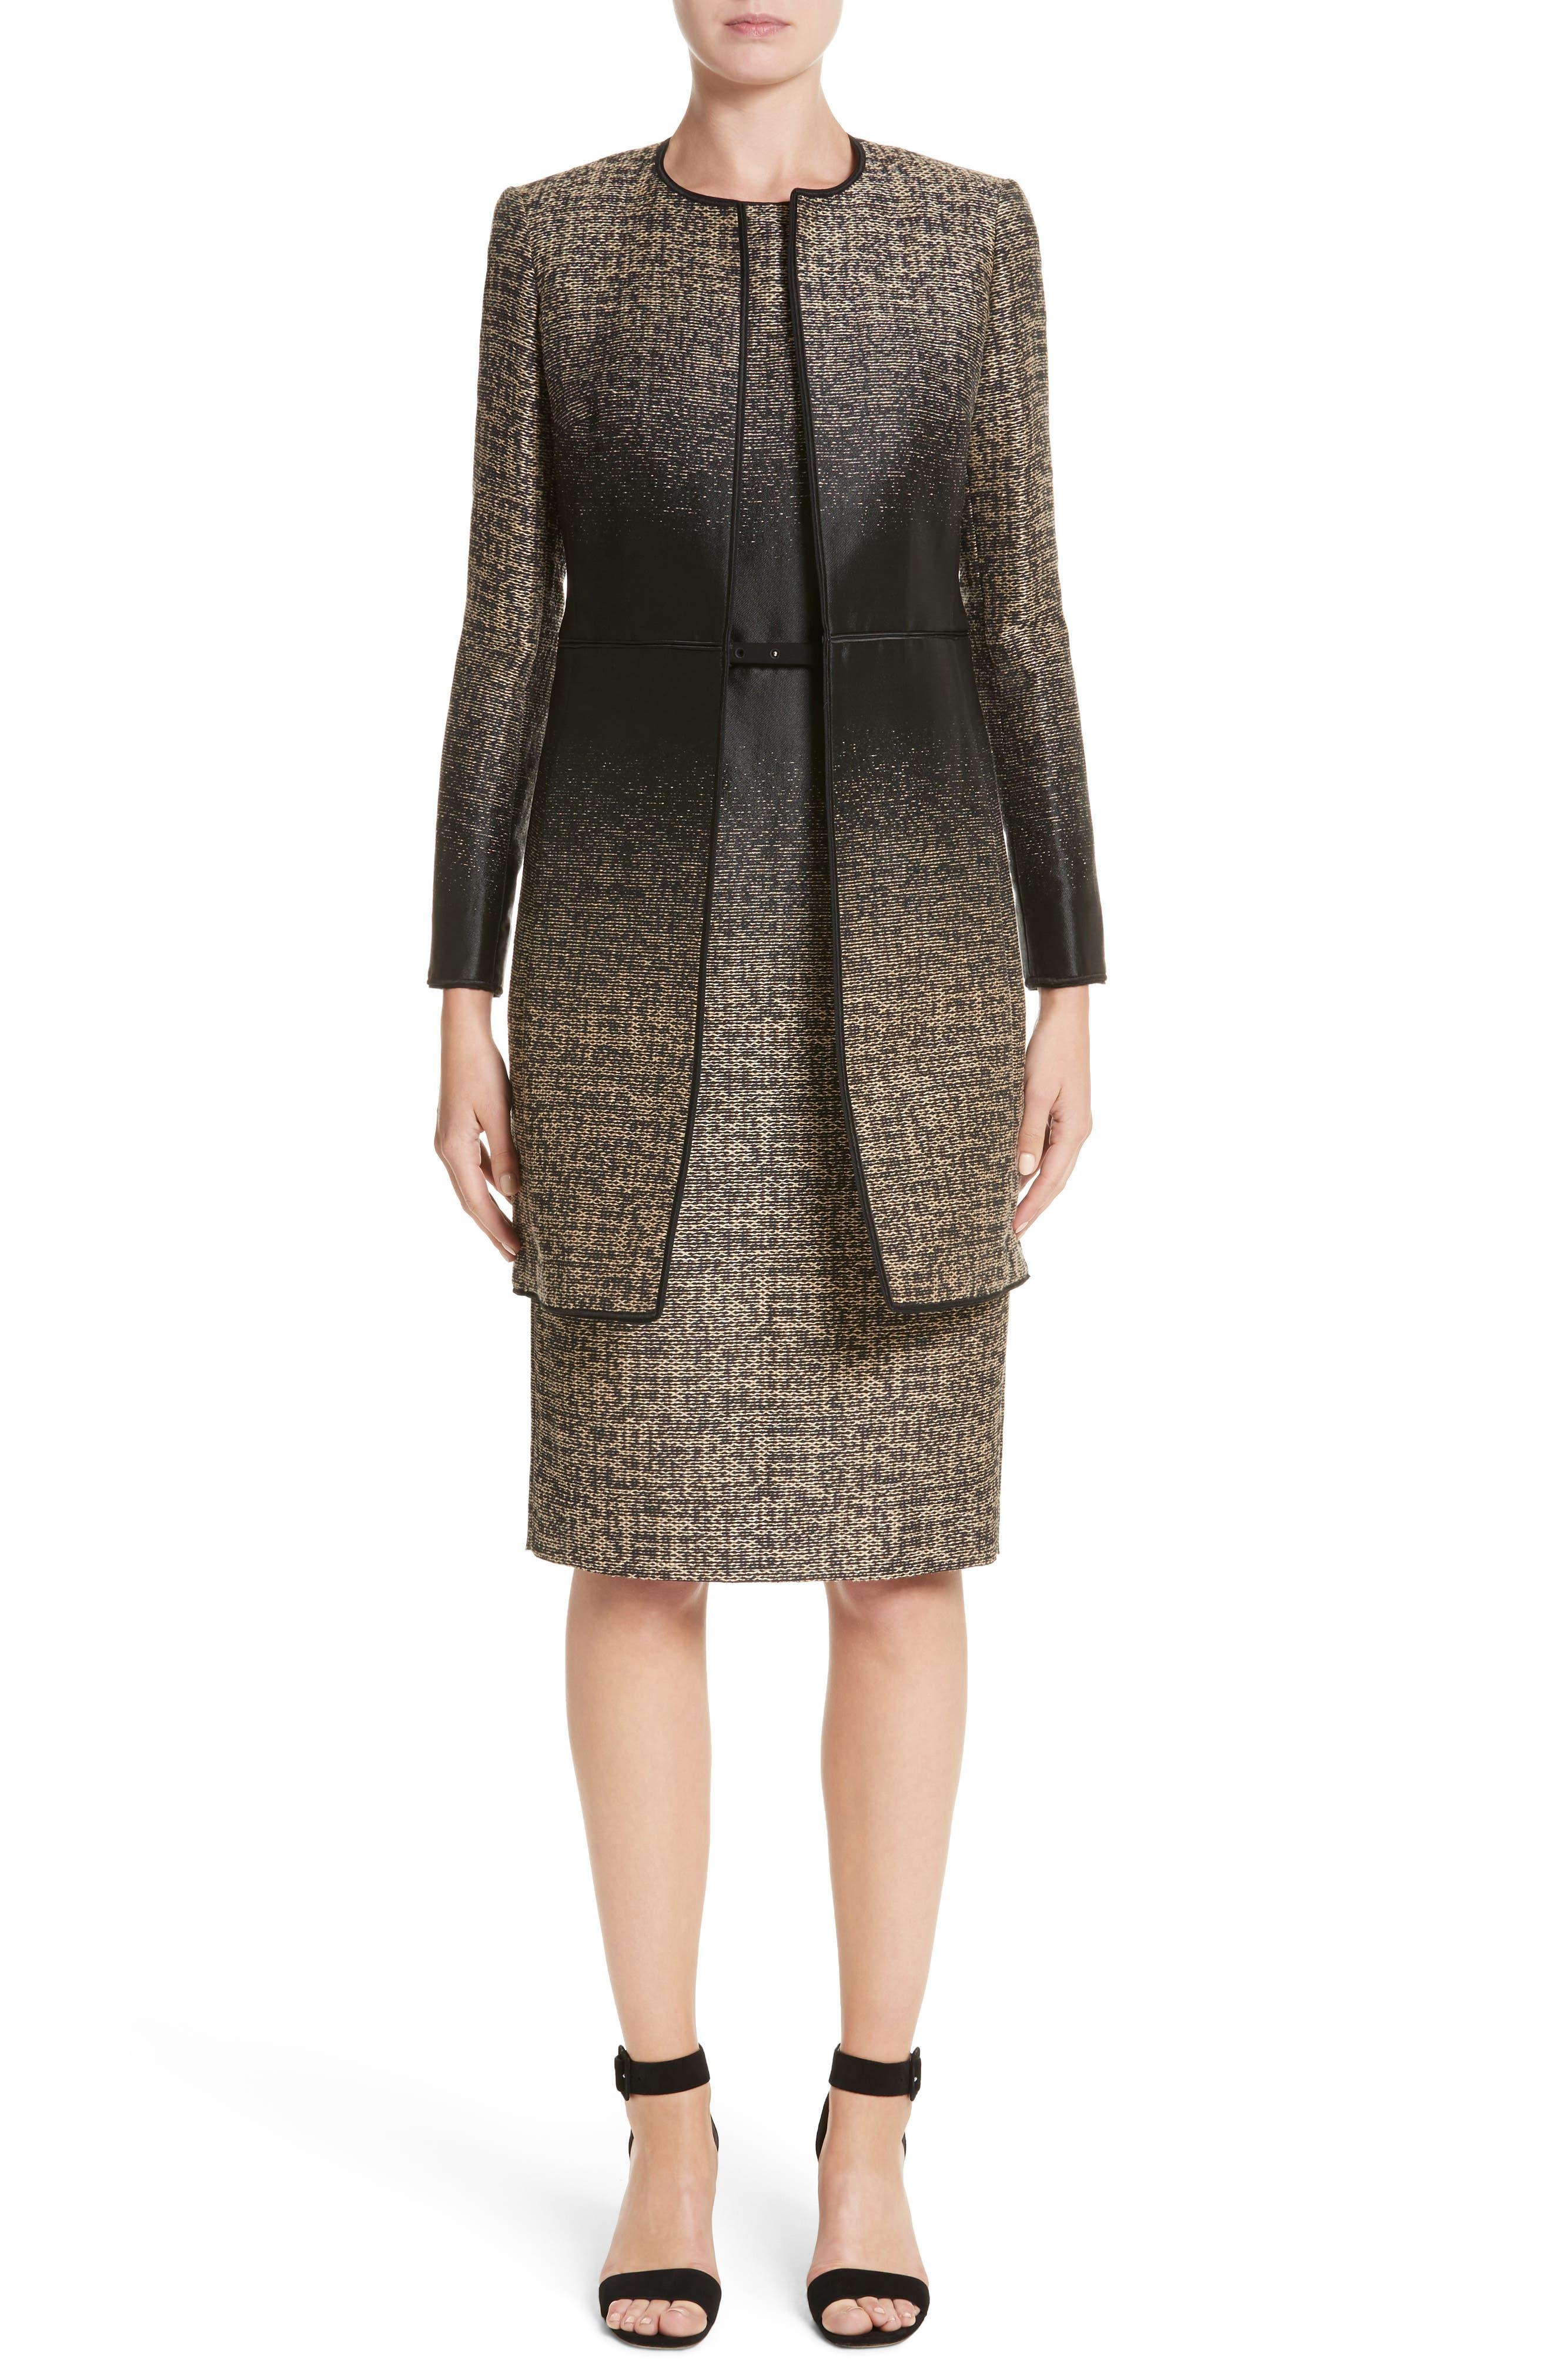 Paulette Jacquard Sheath Dress,                             Alternate thumbnail 8, color,                             Black Multi